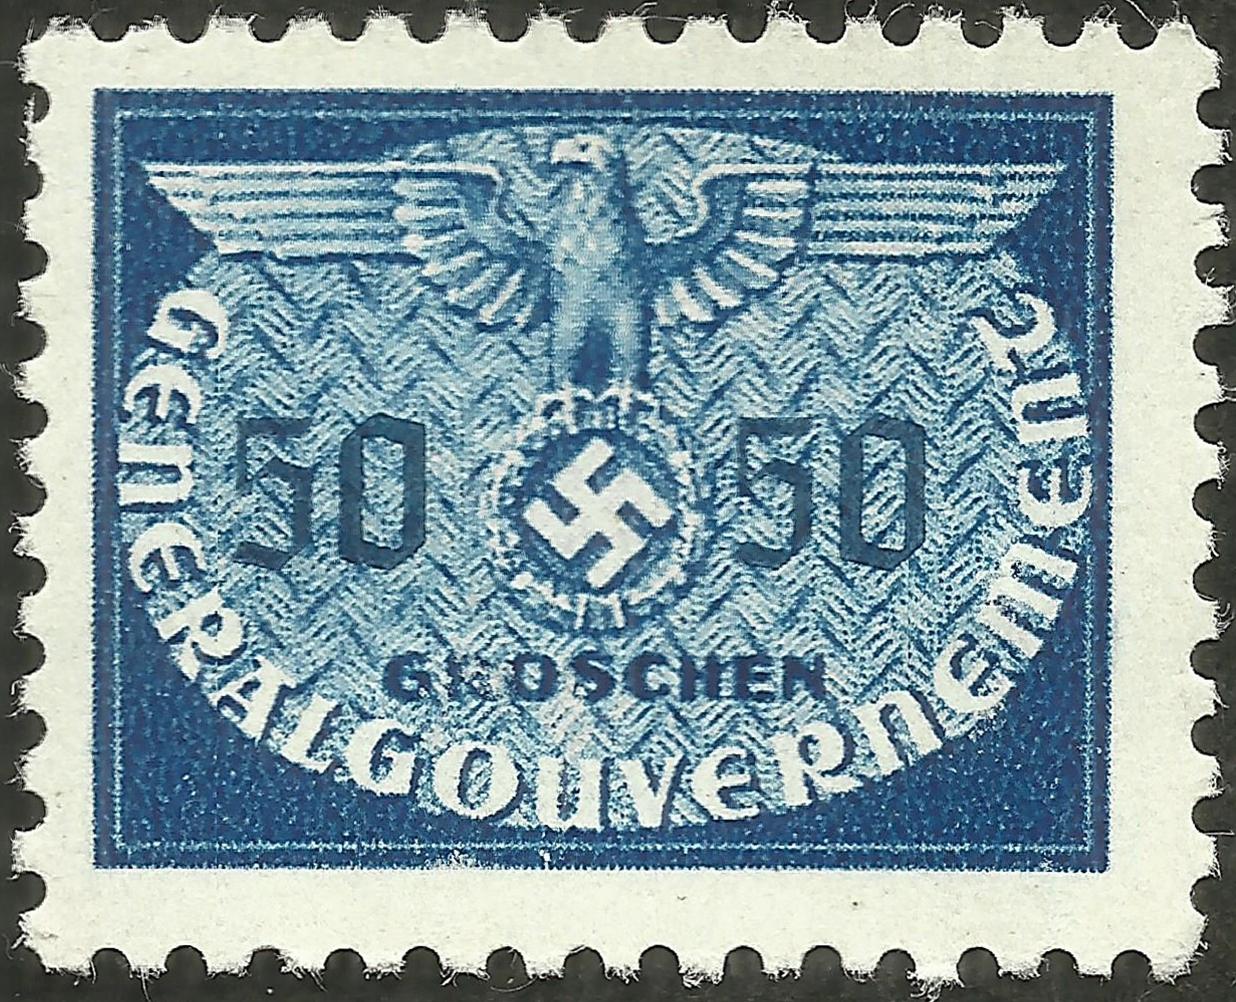 Poland under German Occupation #NO10 (1940)